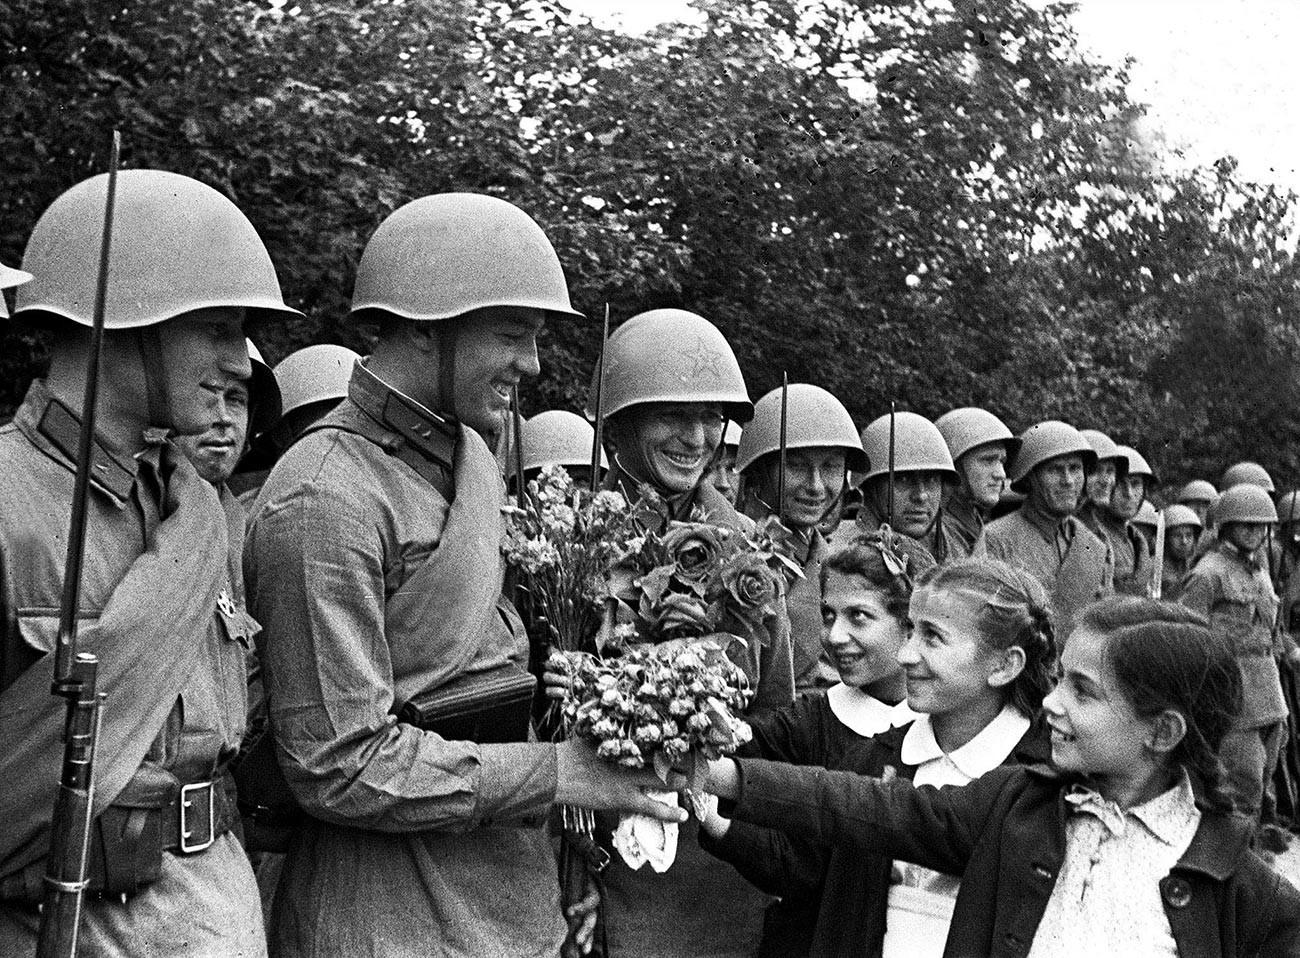 Војници Црвене армије и деца на војној паради посвећеној придруживању Бесарабије и Северне Буковине СССР-у. Кишињов, 4. јул 1940.